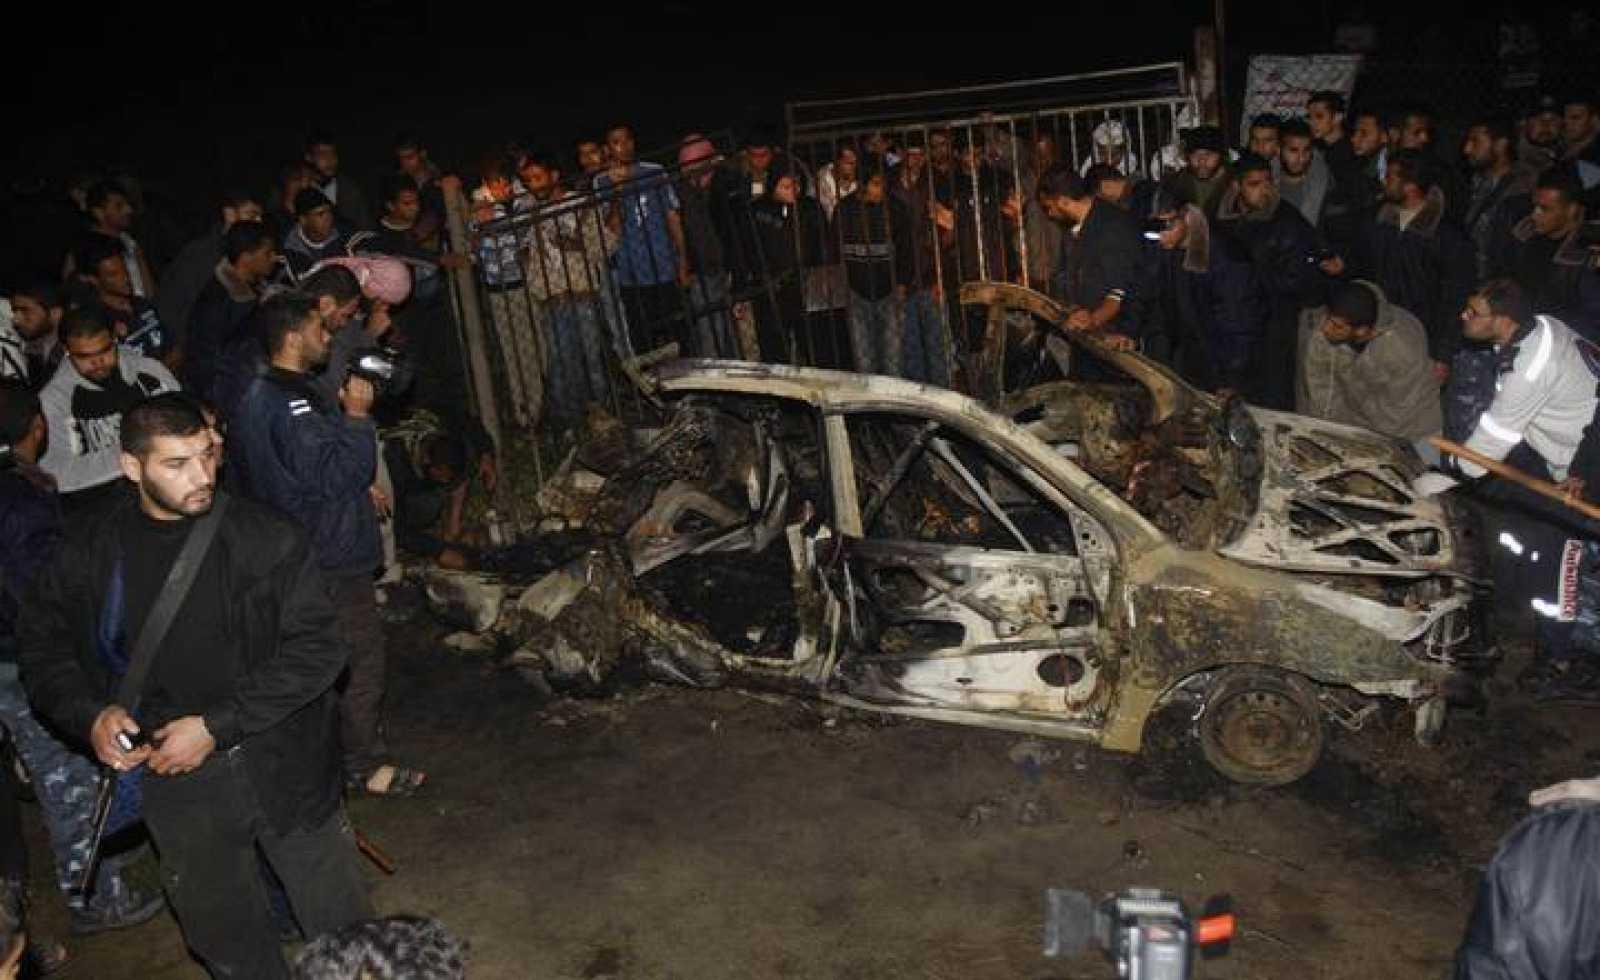 Este es el estado en el que ha quedado el coche en el que viajaban los fallecidos.